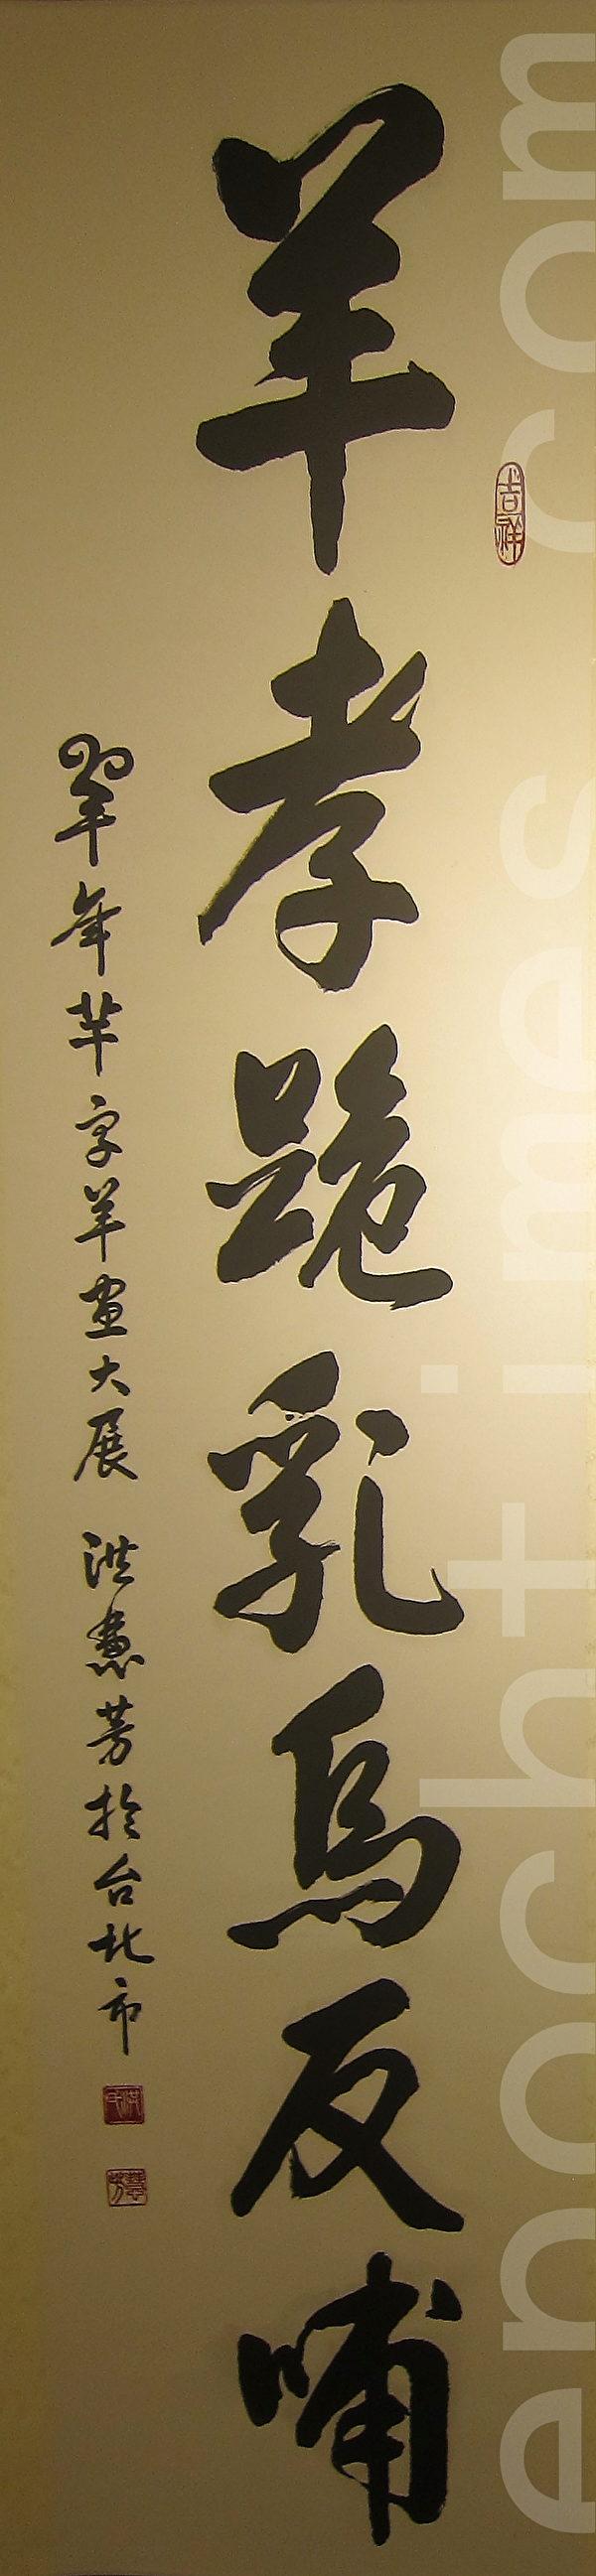 中華郵政辦理的「生肖郵票暨書畫展」,展期至2月22日,展出臺北市中國畫學研究會畫家洪慧芳的書法作品。(鍾元/大紀元)